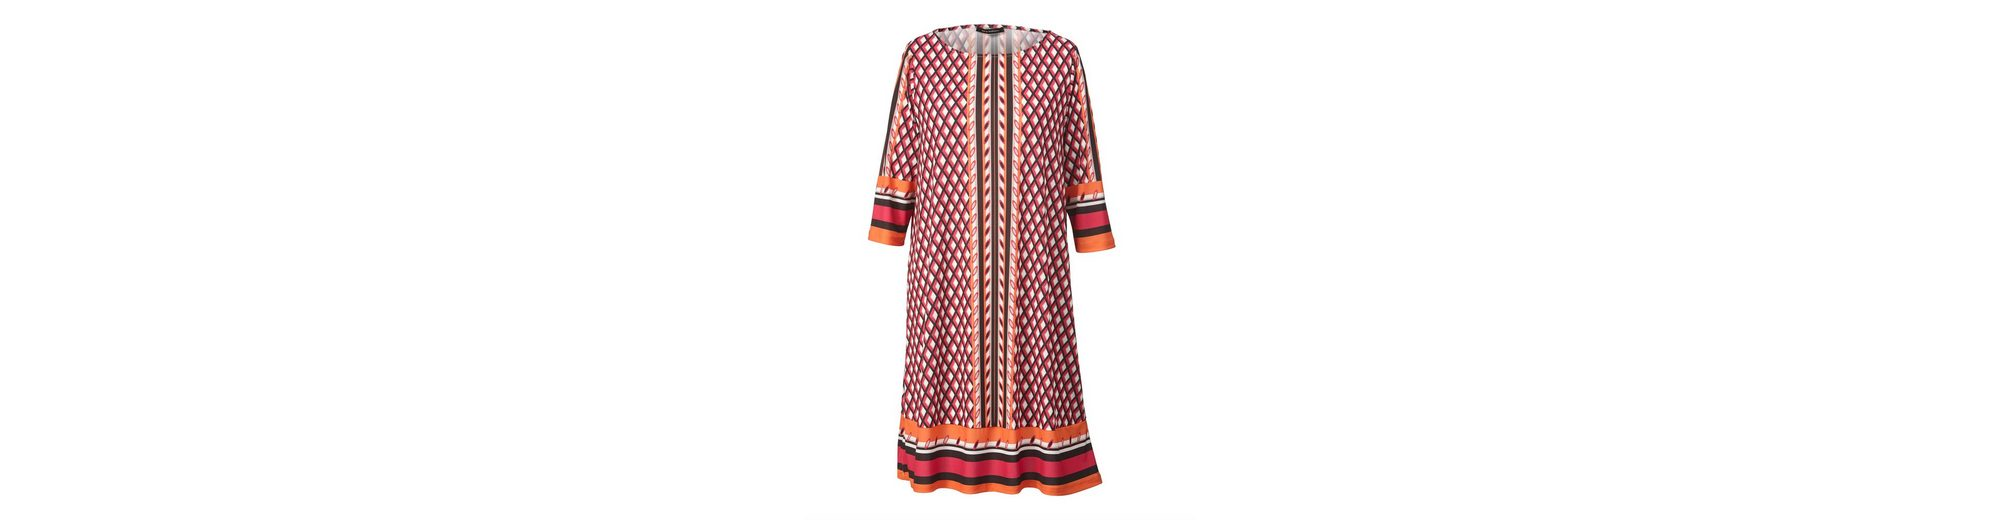 Spielraum Aus Deutschland Sara Lindholm by Happy Size Slinky-Kleid mit Allover-Print Spielraum Shop Online-Verkauf Speichern Günstig Online Billig Besuch pAlEudx